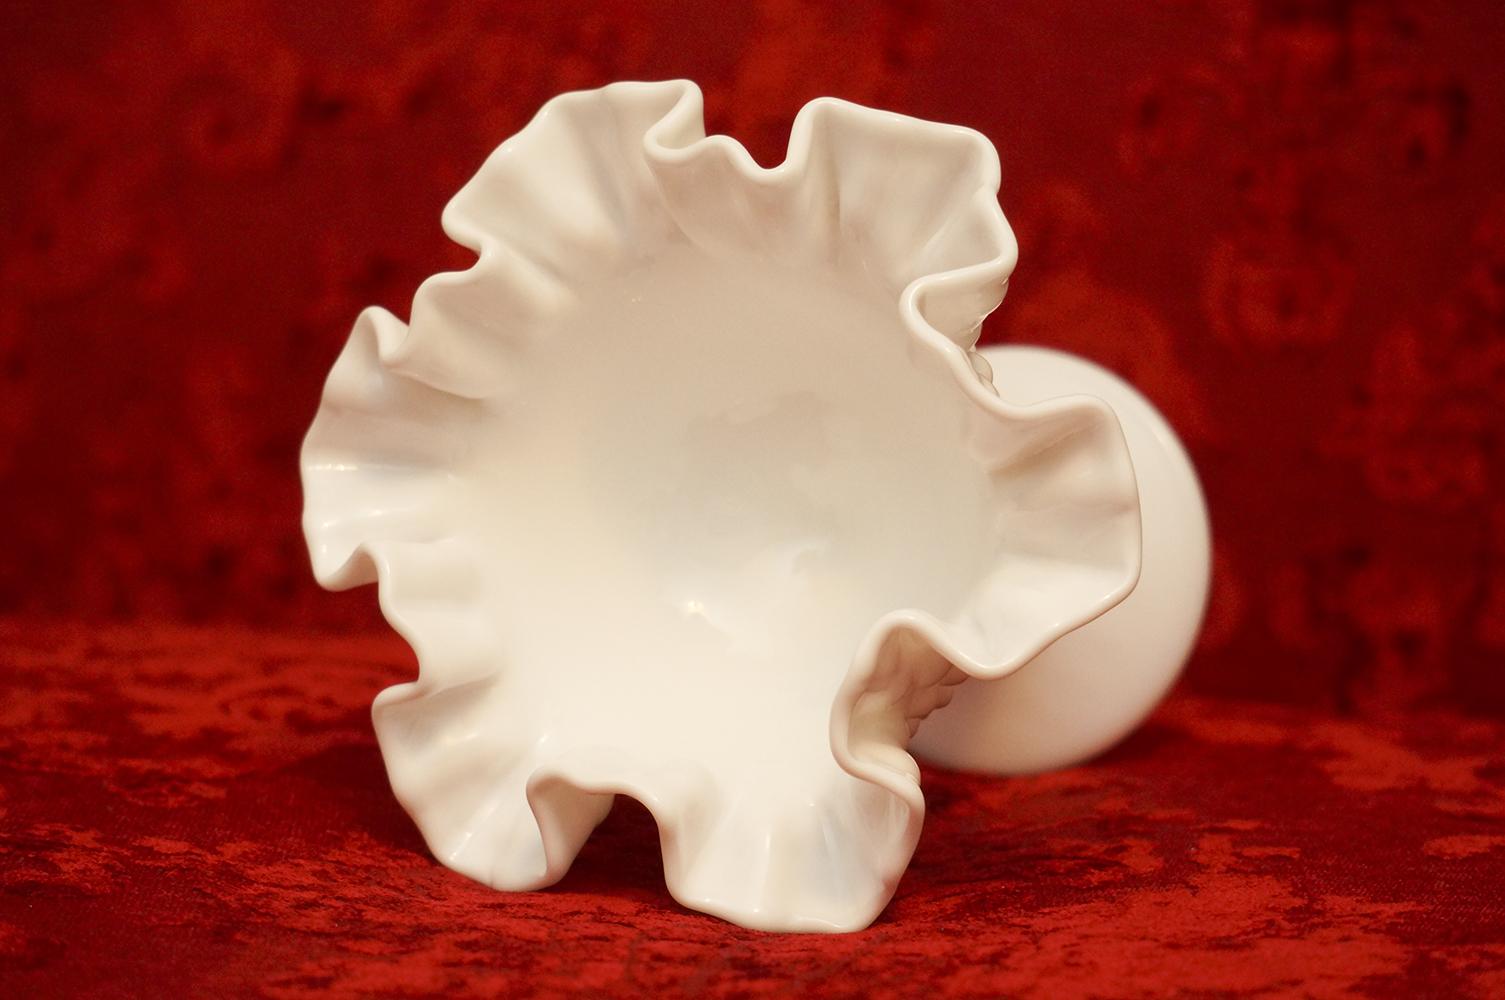 フェントン製 ホワイト ホブネイル ガラス キャンディー入れ 上部